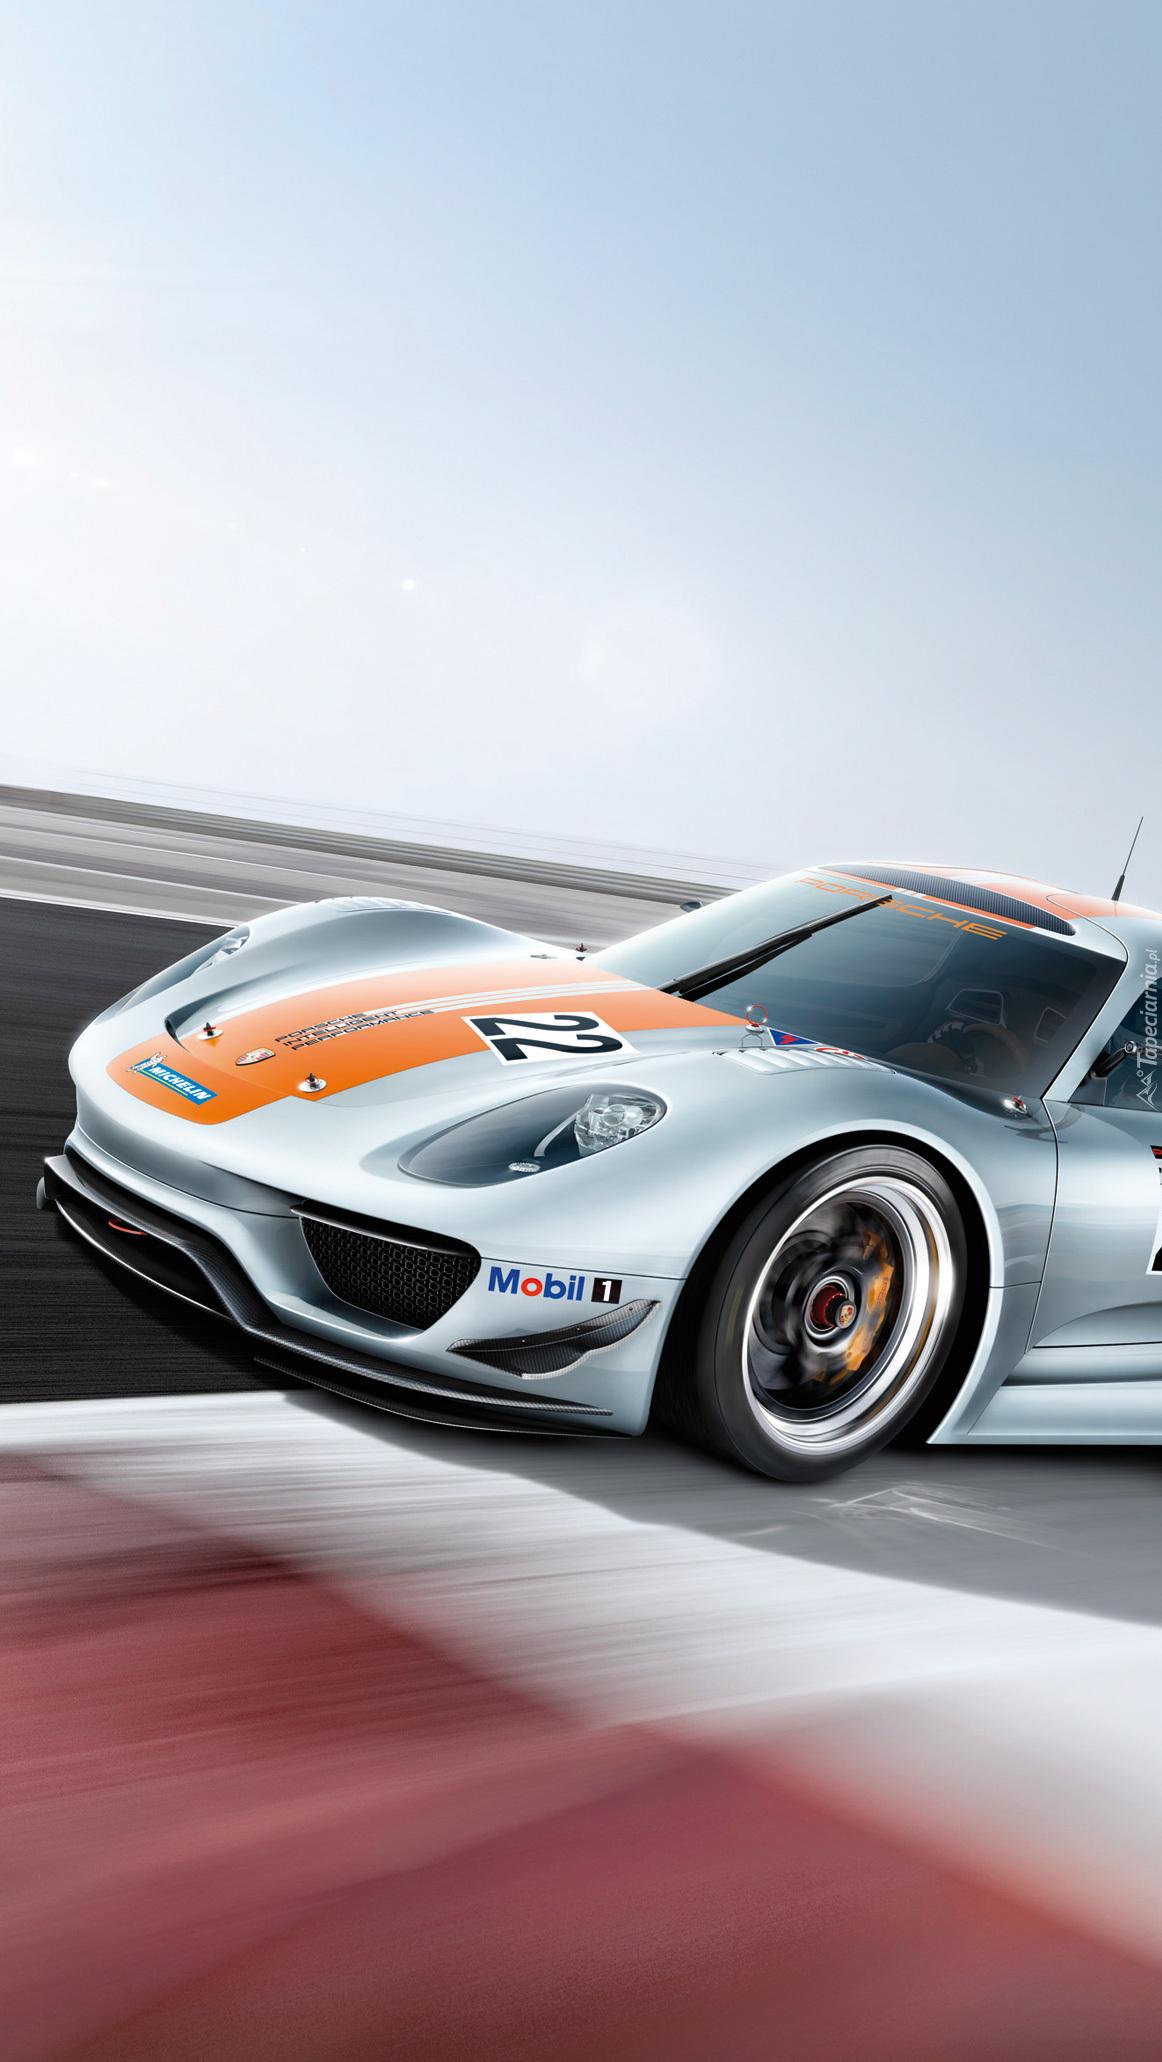 Porsche 918 Rsr Coupe Podczas Wyścigu Tapeta Na Telefon